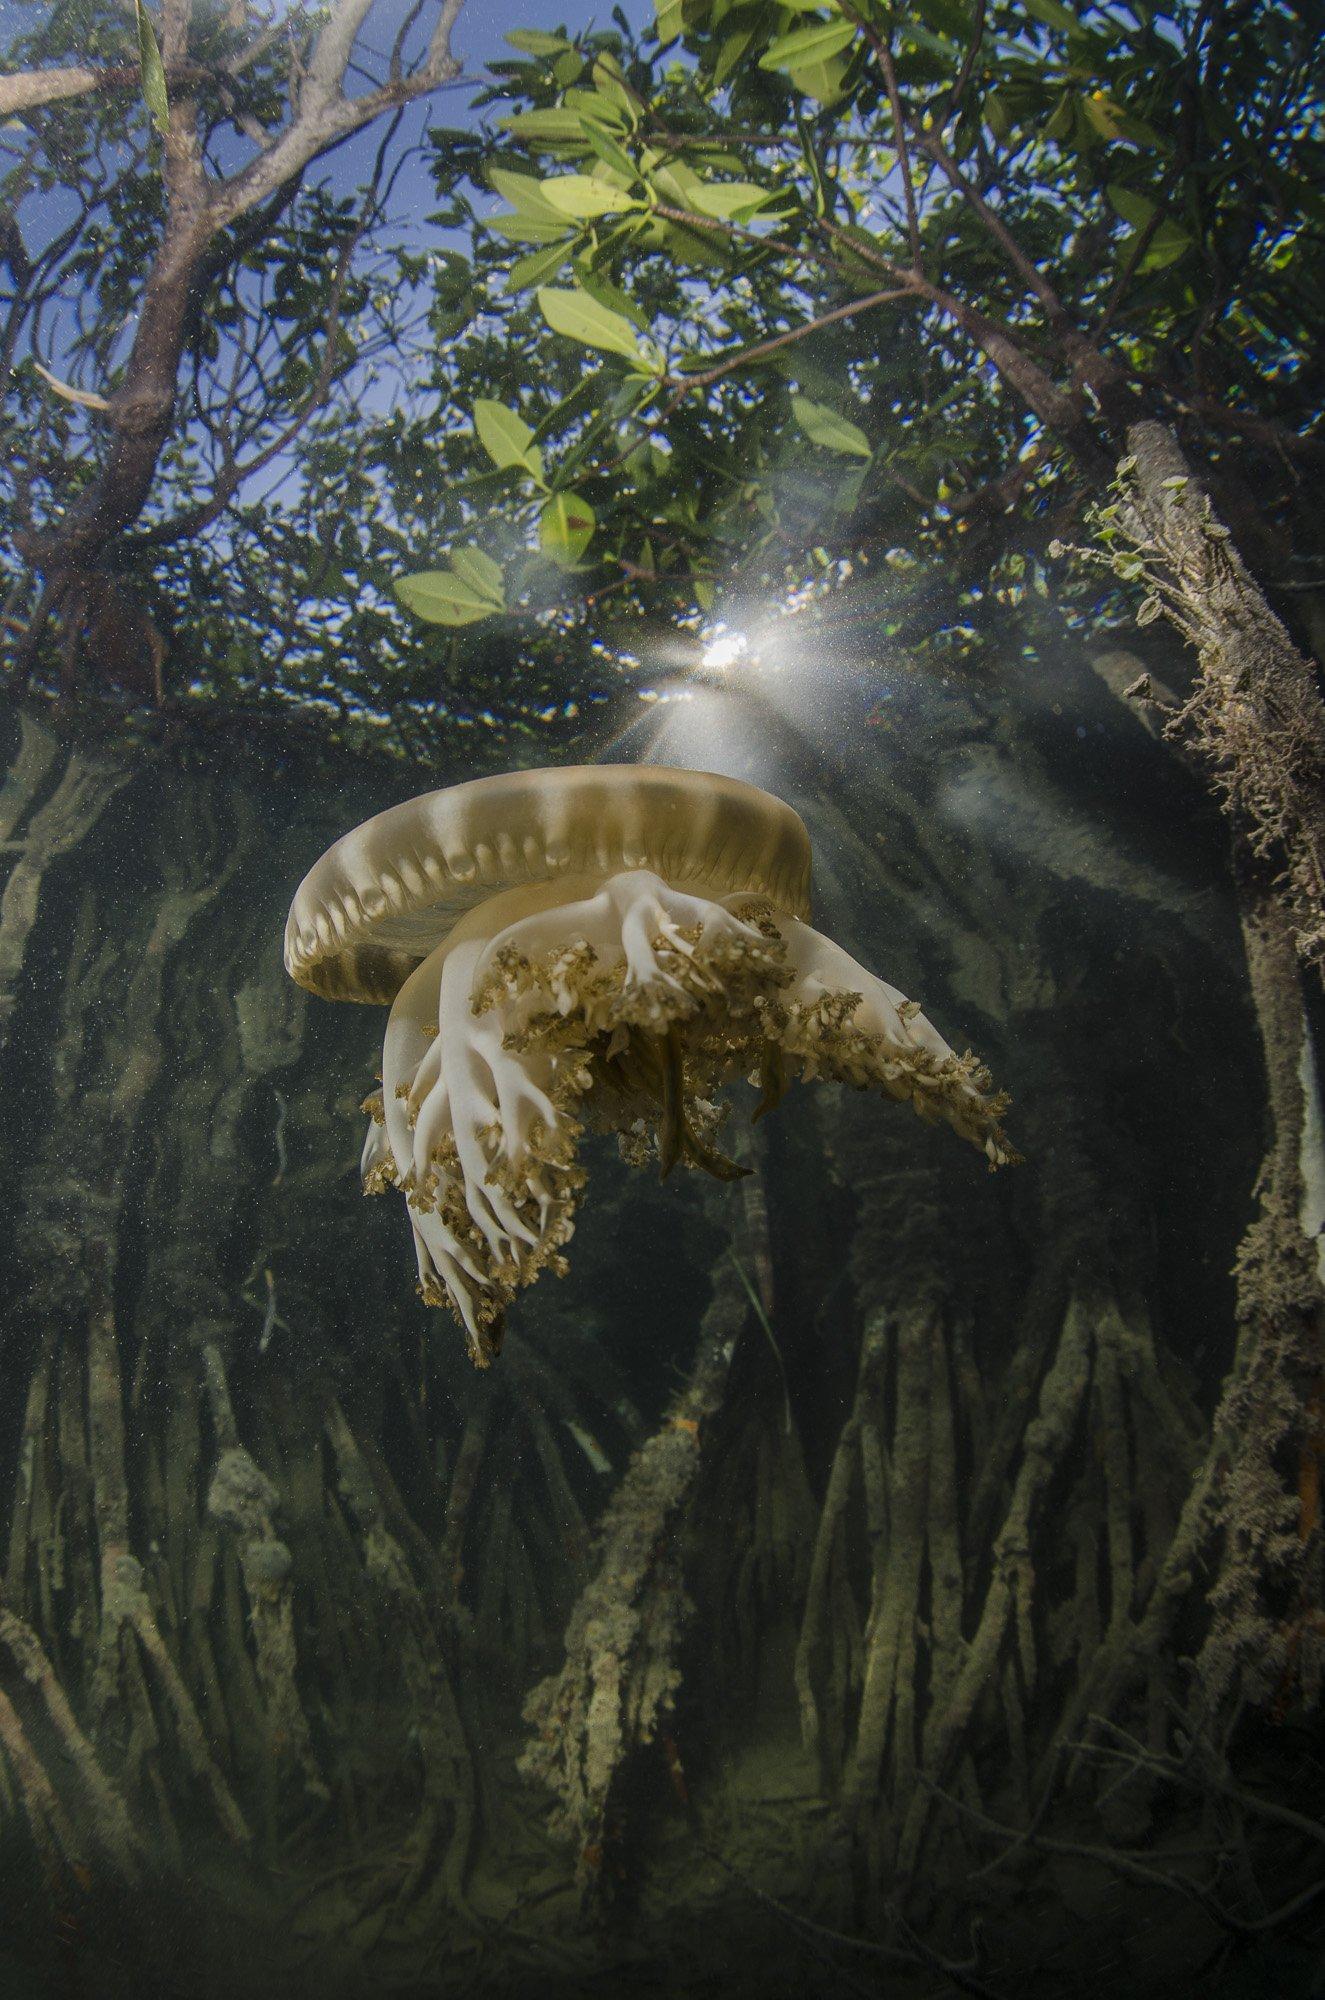 Животные, Море, Океан, Подводное фото, Подводный мир, Природа, Дмитрий Старостенков